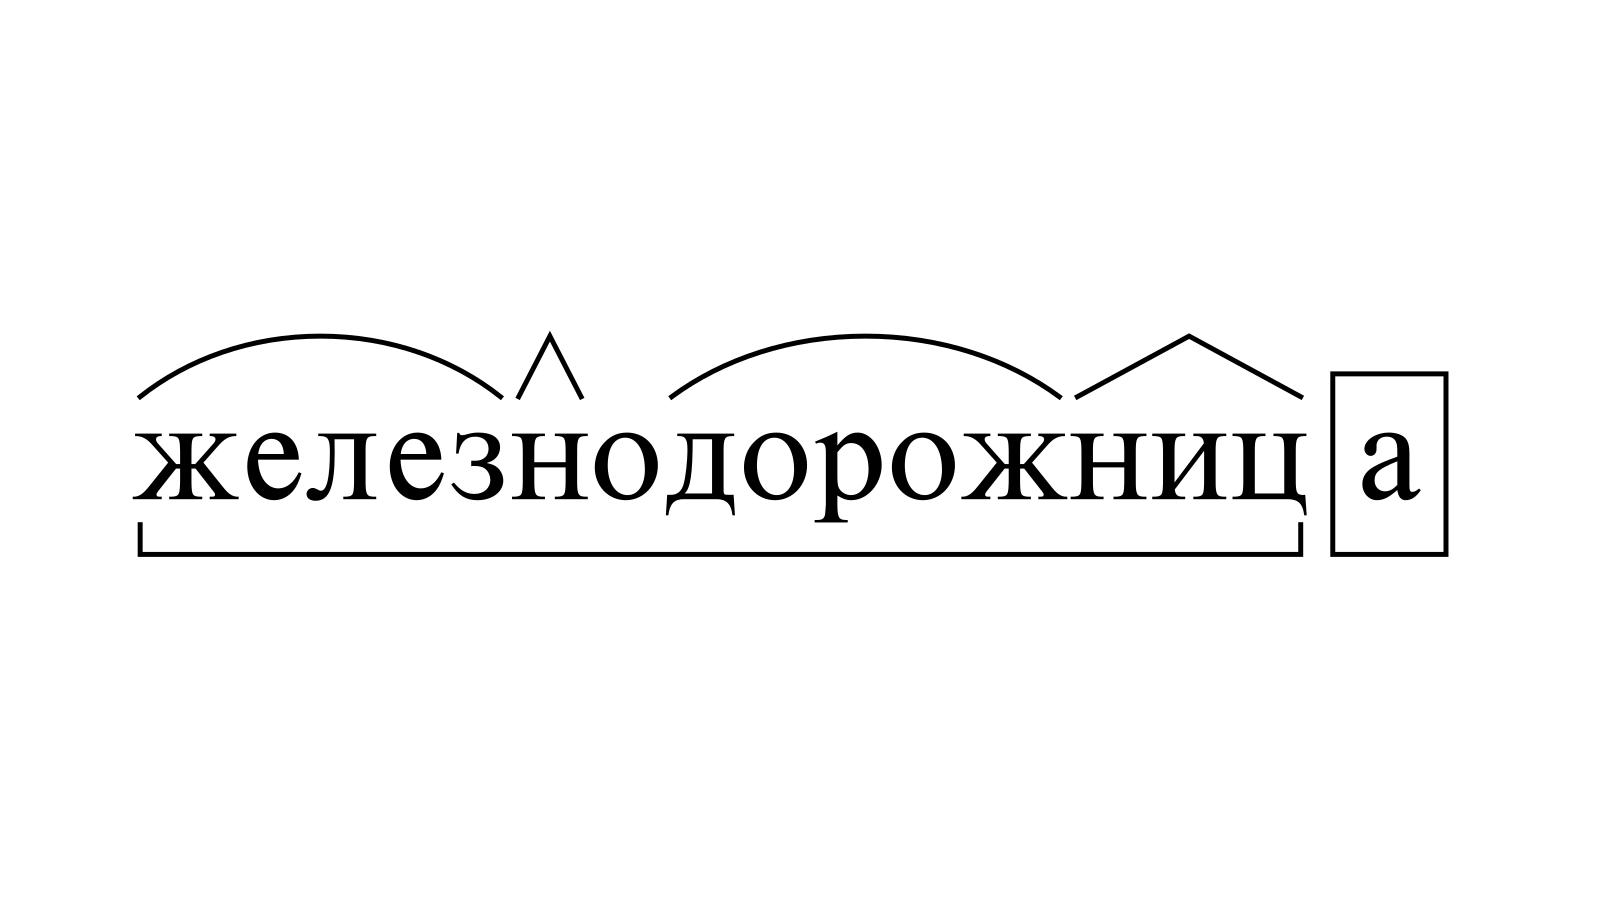 Разбор слова «железнодорожница» по составу